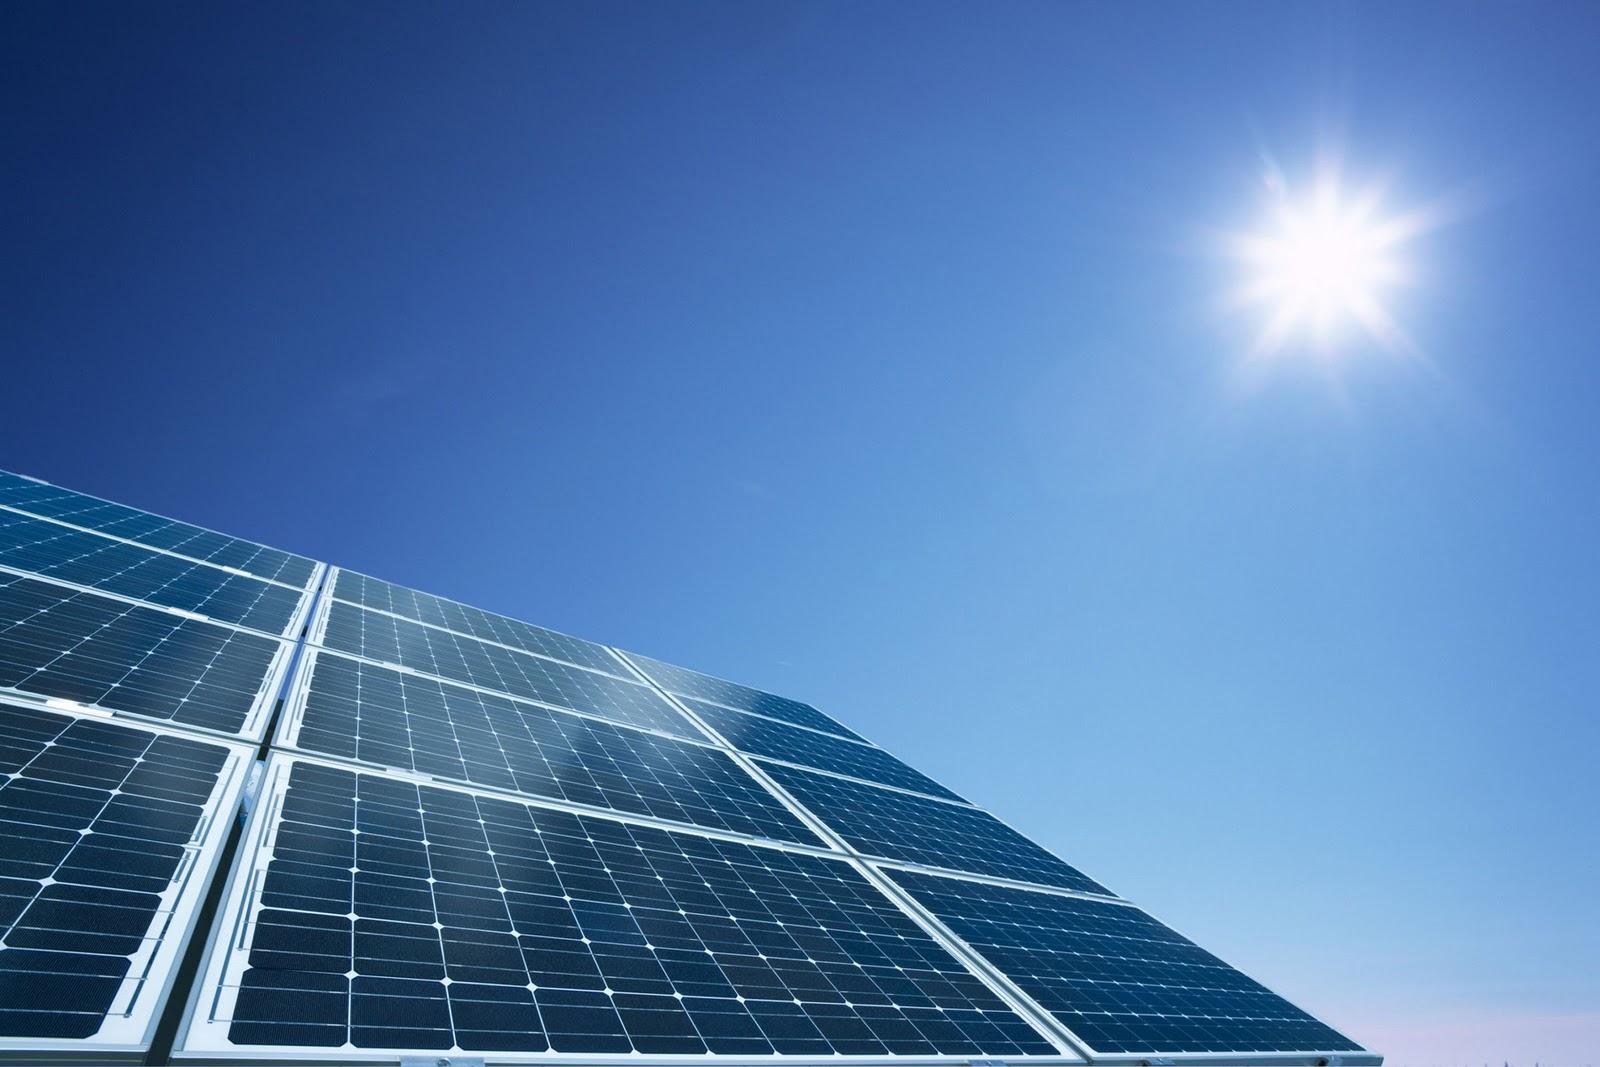 В Узбекистане изобрели многофункциональное солнечное устройство